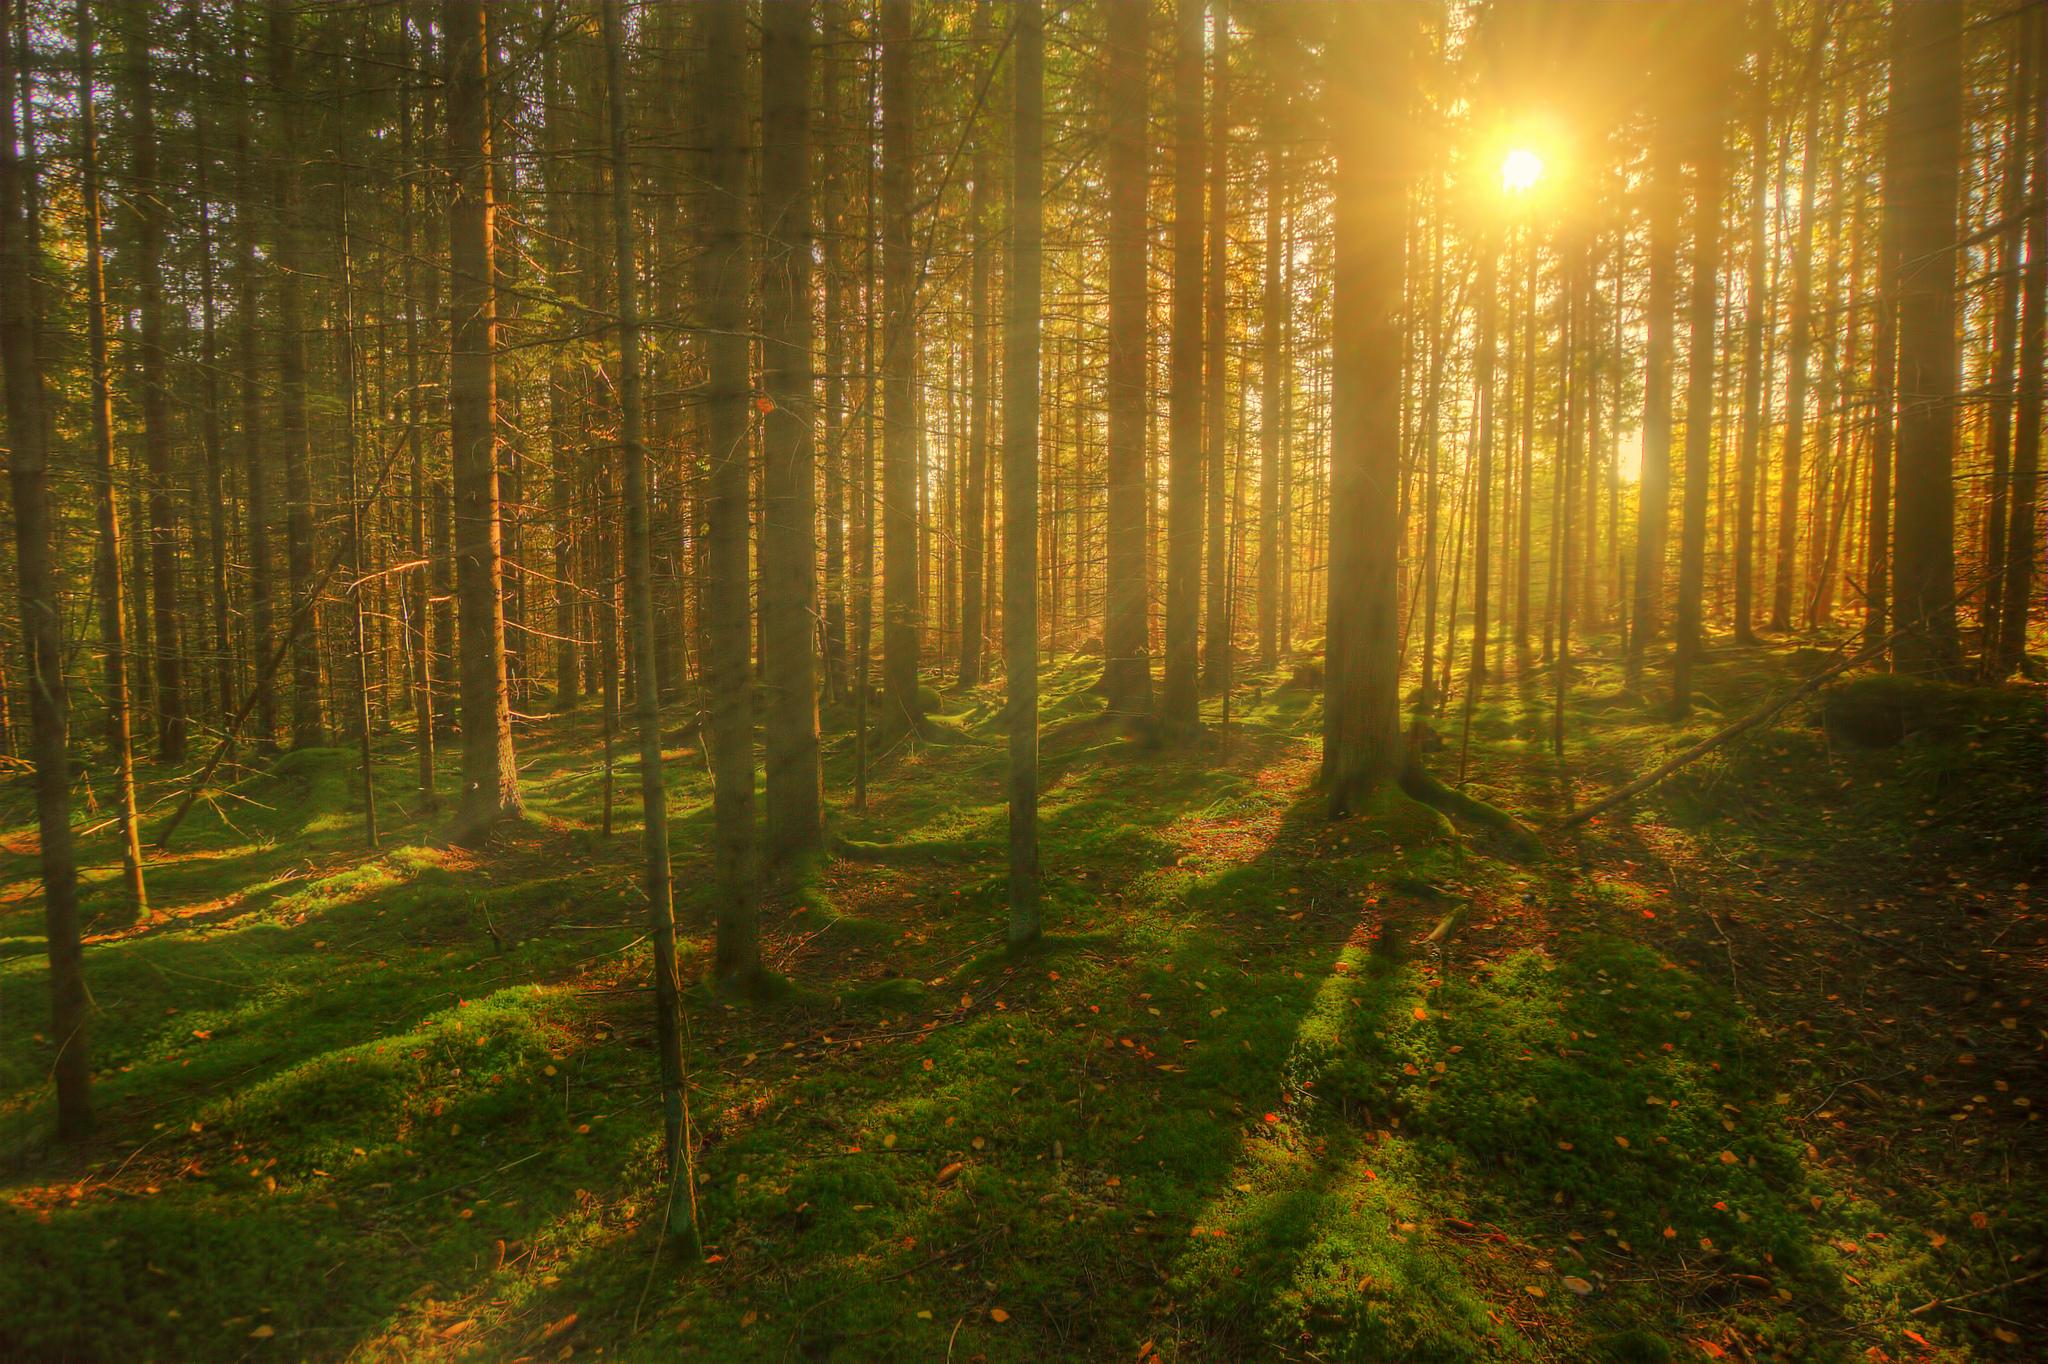 дерево лучи солнце бесплатно